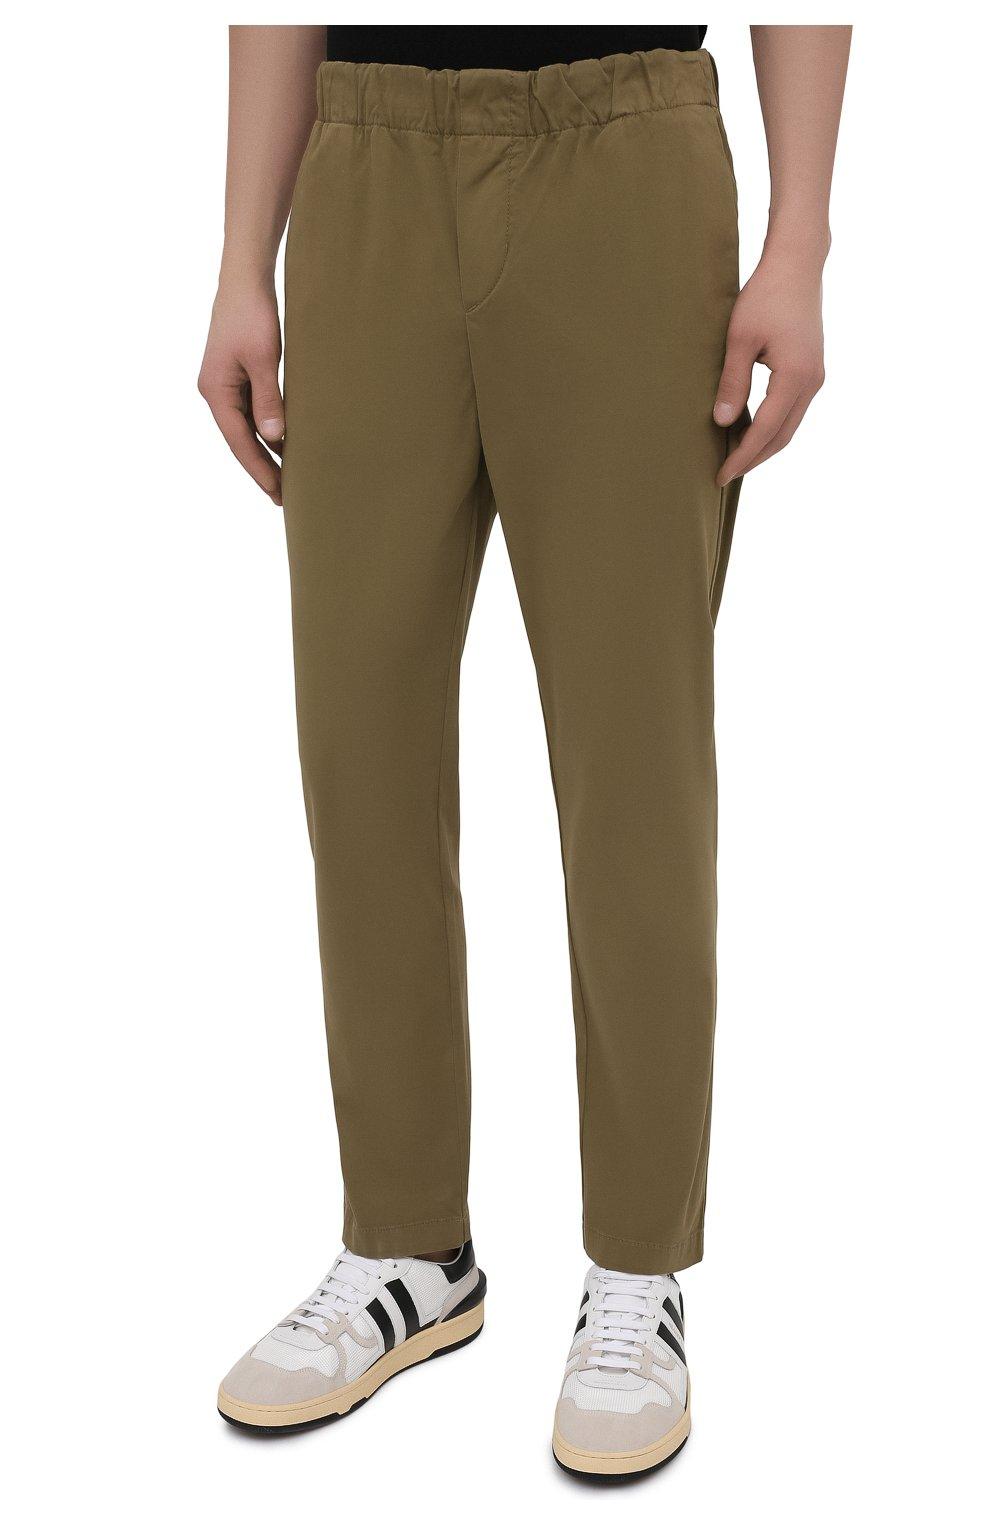 Мужские брюки 7 FOR ALL MANKIND хаки цвета, арт. JSCJB560FR   Фото 3 (Длина (брюки, джинсы): Стандартные; Случай: Повседневный; Материал внешний: Синтетический материал, Хлопок; Стили: Кэжуэл)